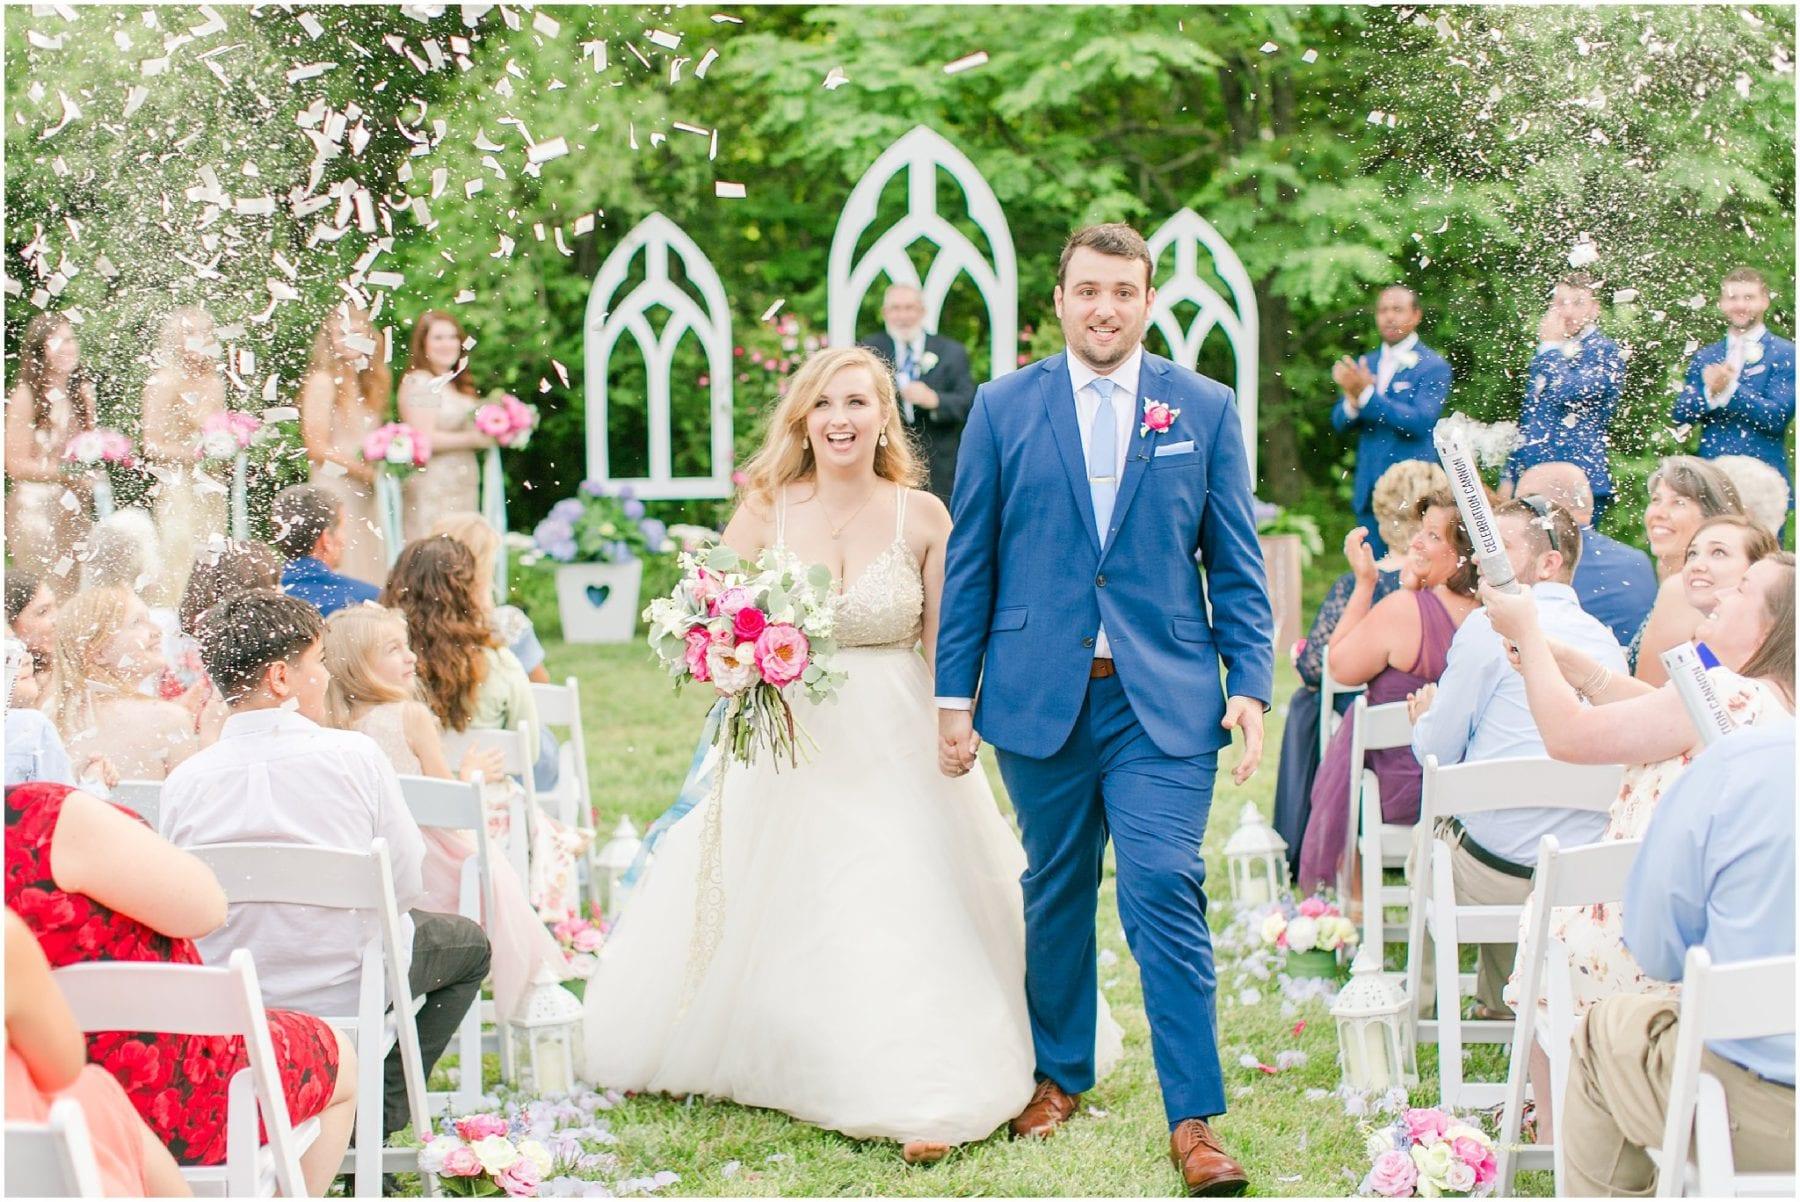 Maryland Backyard Wedding Photos Kelly & Zach Megan Kelsey Photography-236.jpg